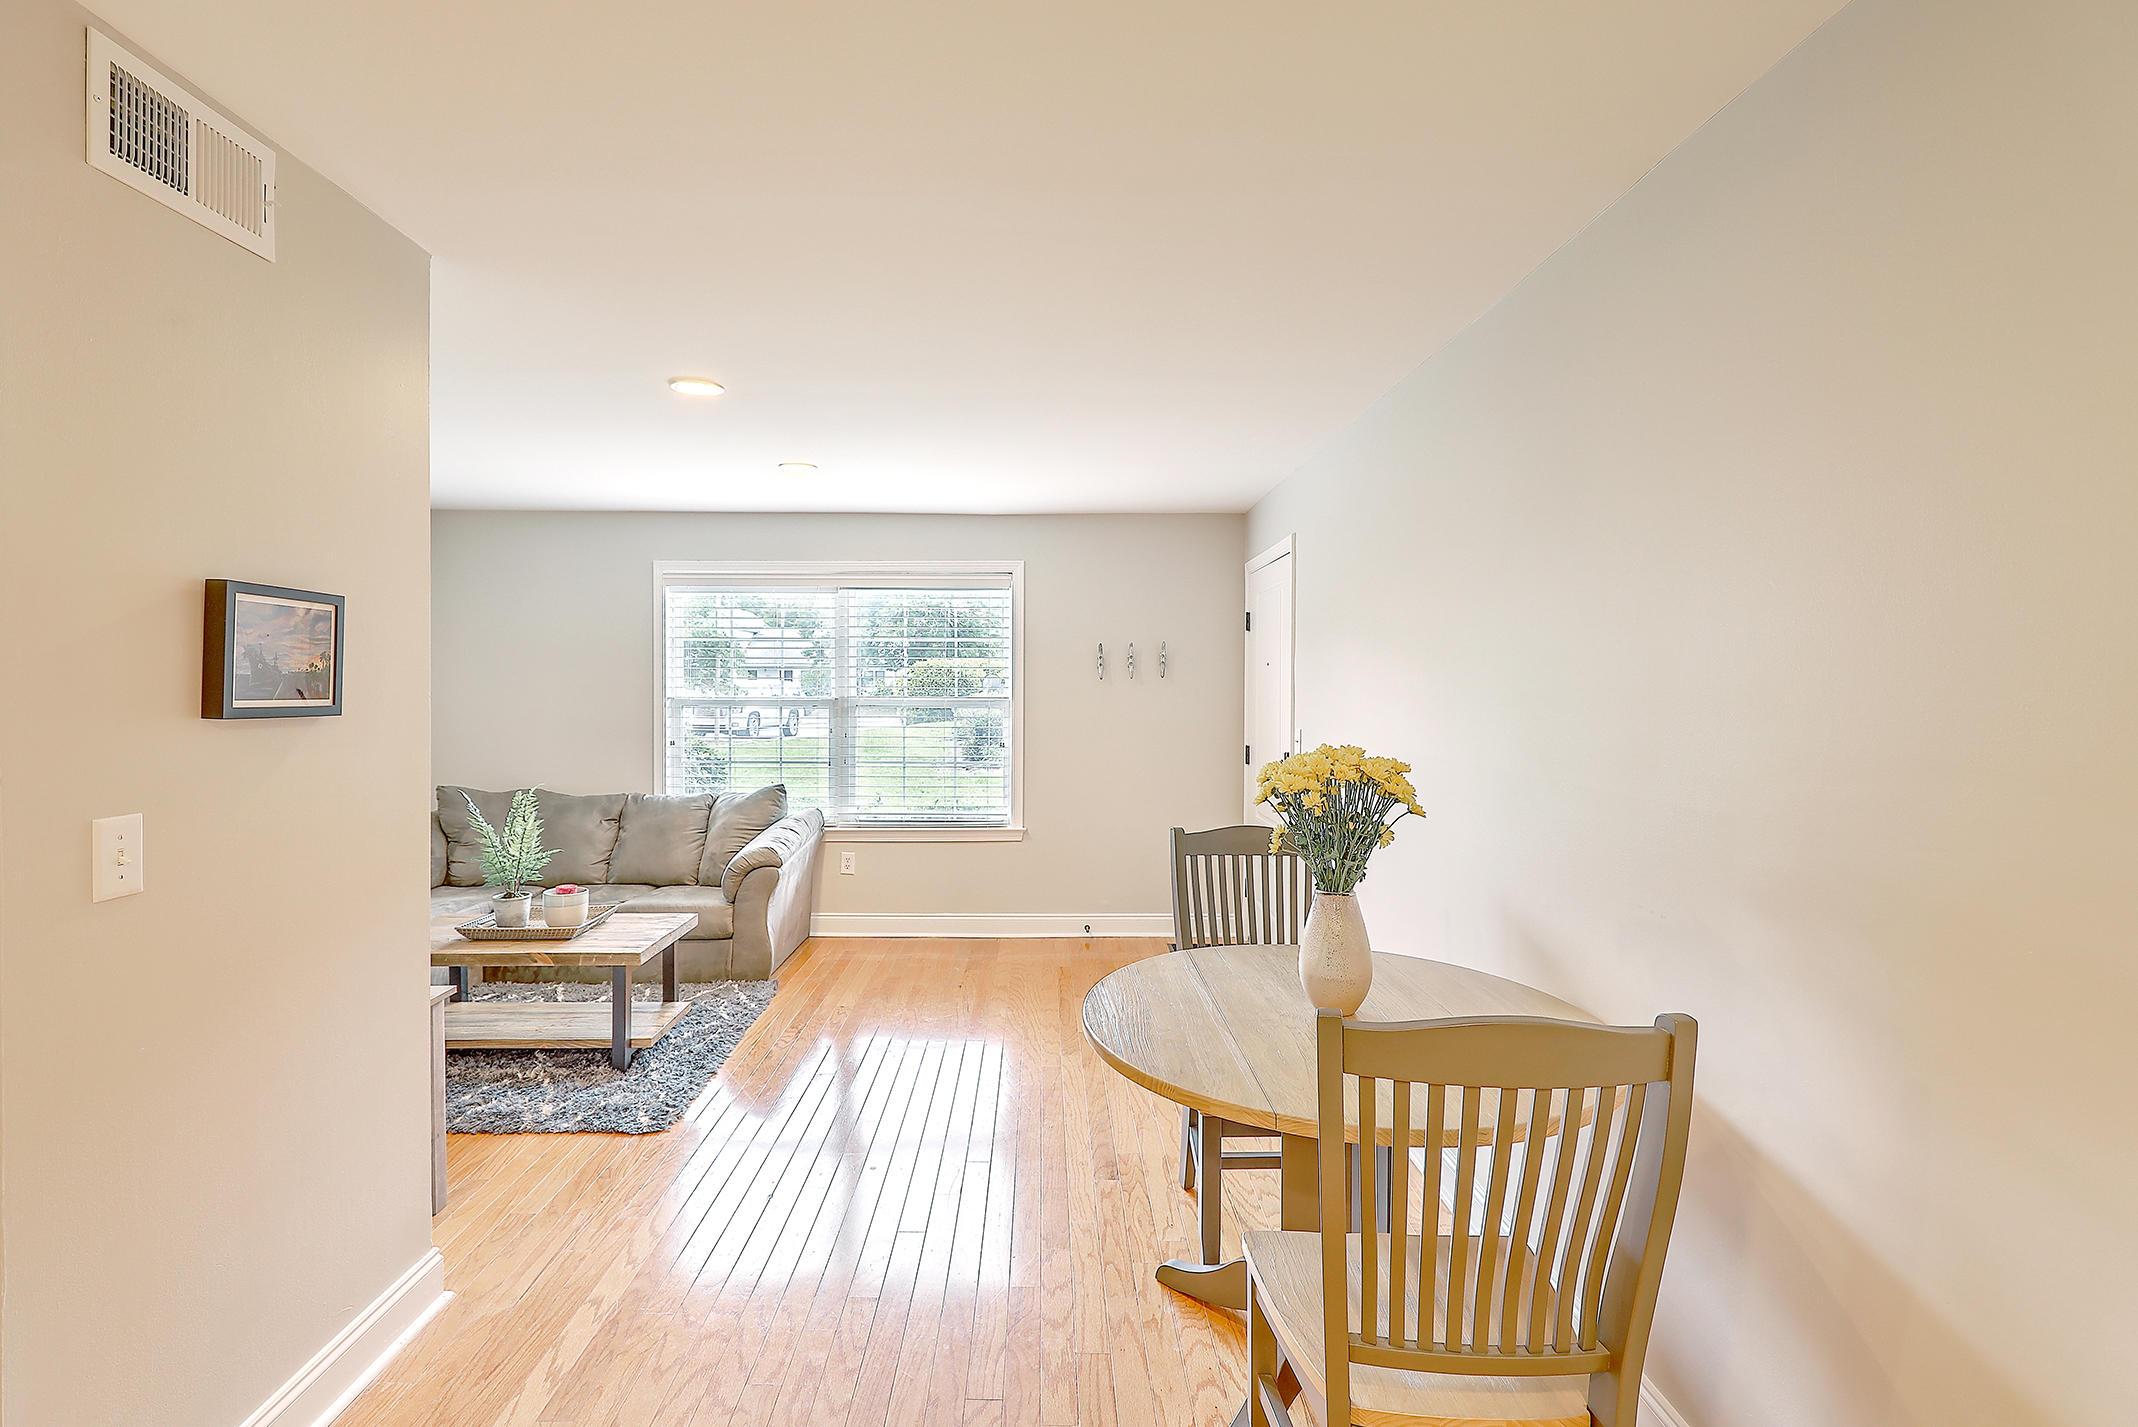 Village Oaks of Mt Pleasant Homes For Sale - 1240 Fairmont, Mount Pleasant, SC - 1